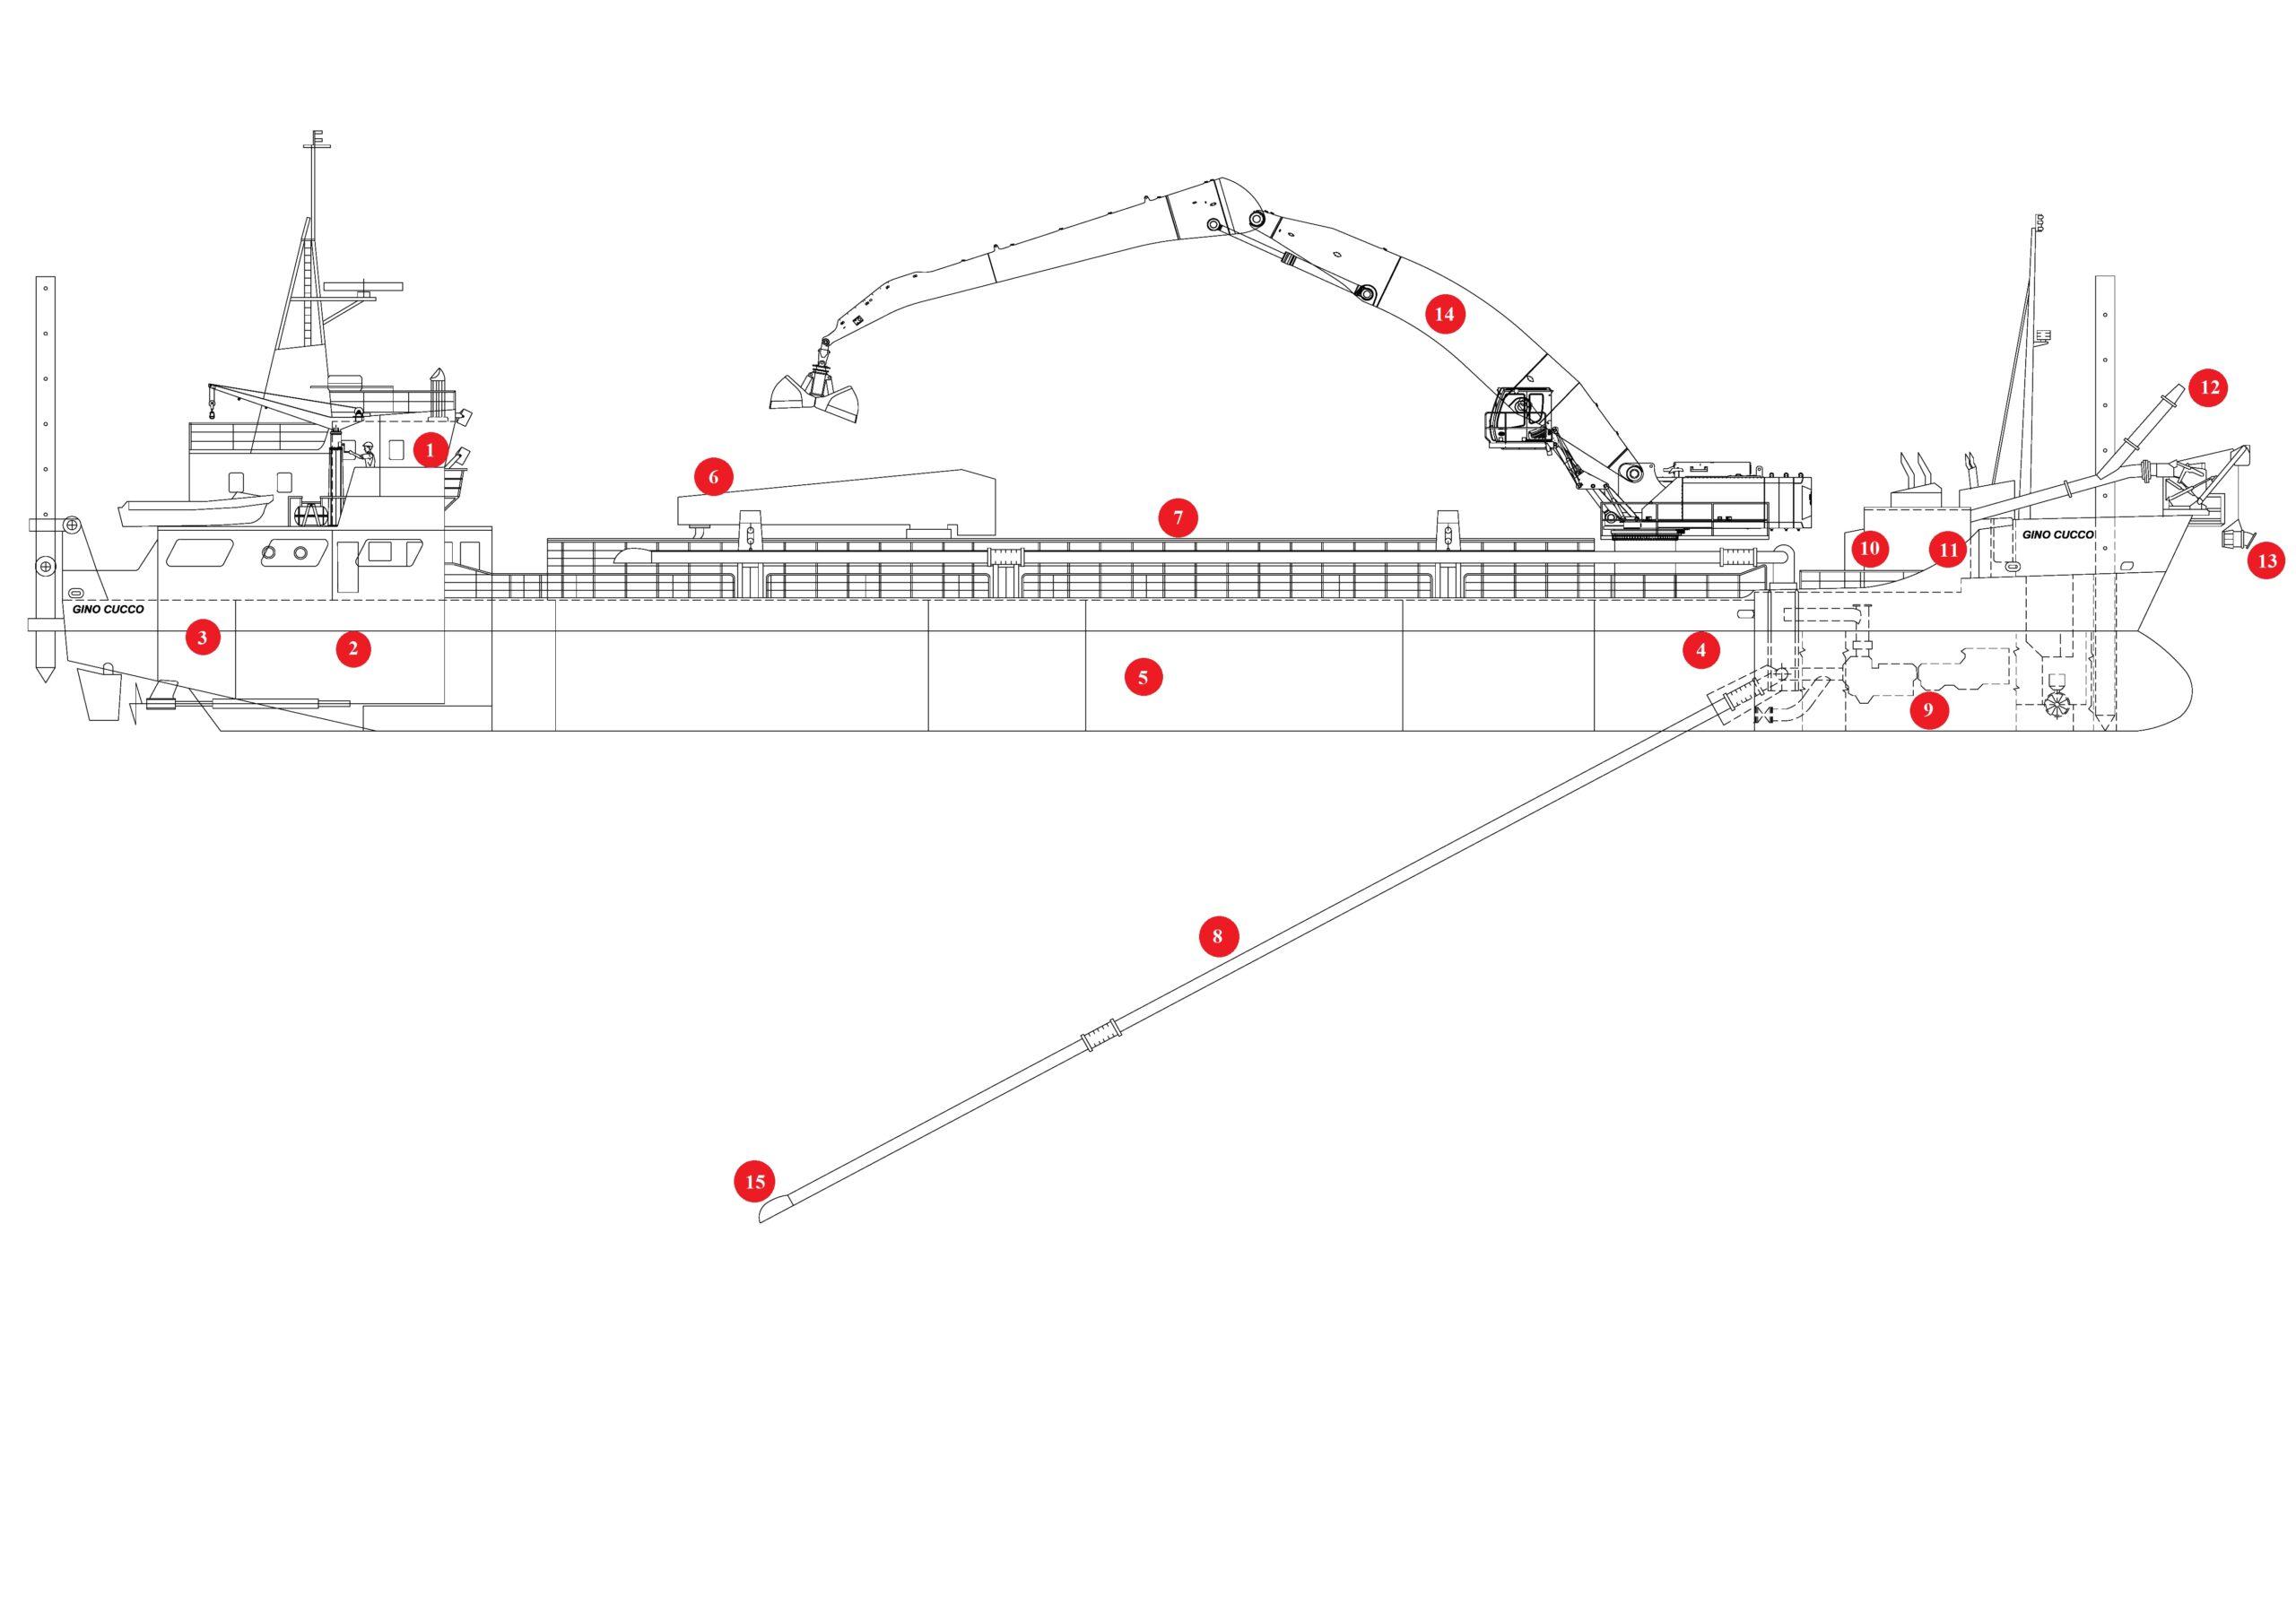 Componenti e struttura